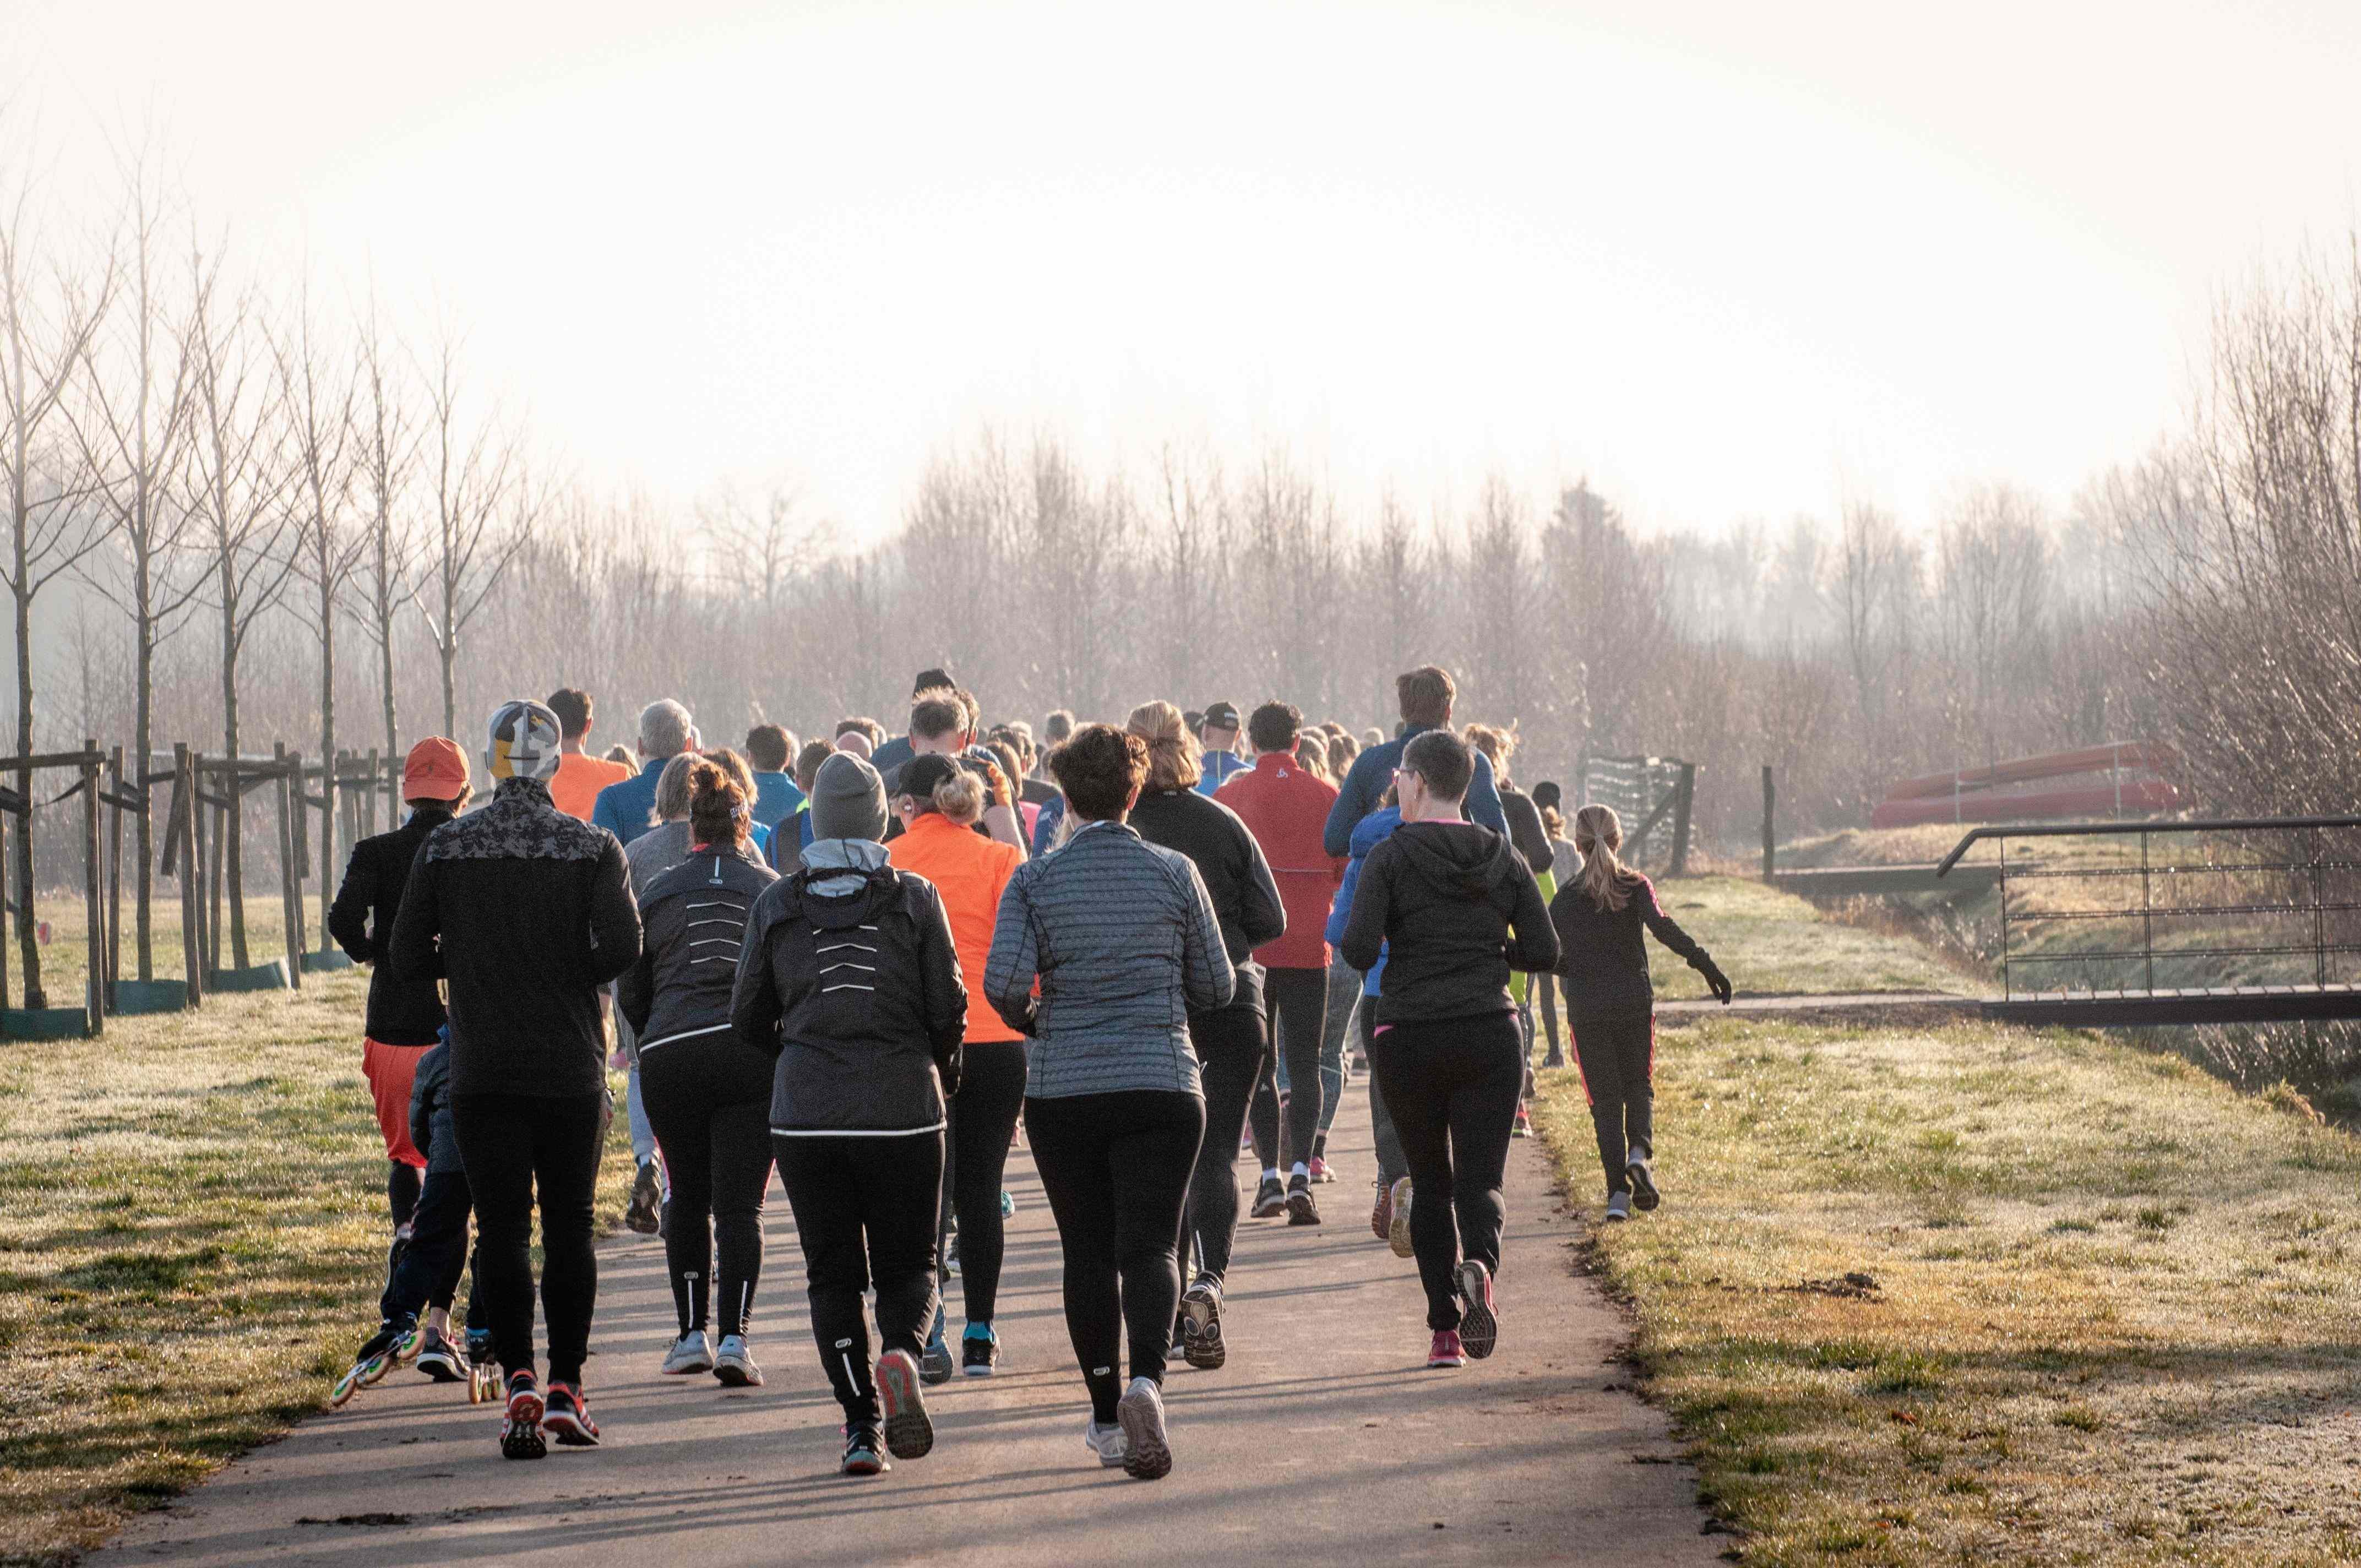 Groupe de personnes qui courent sur une route dans la nature